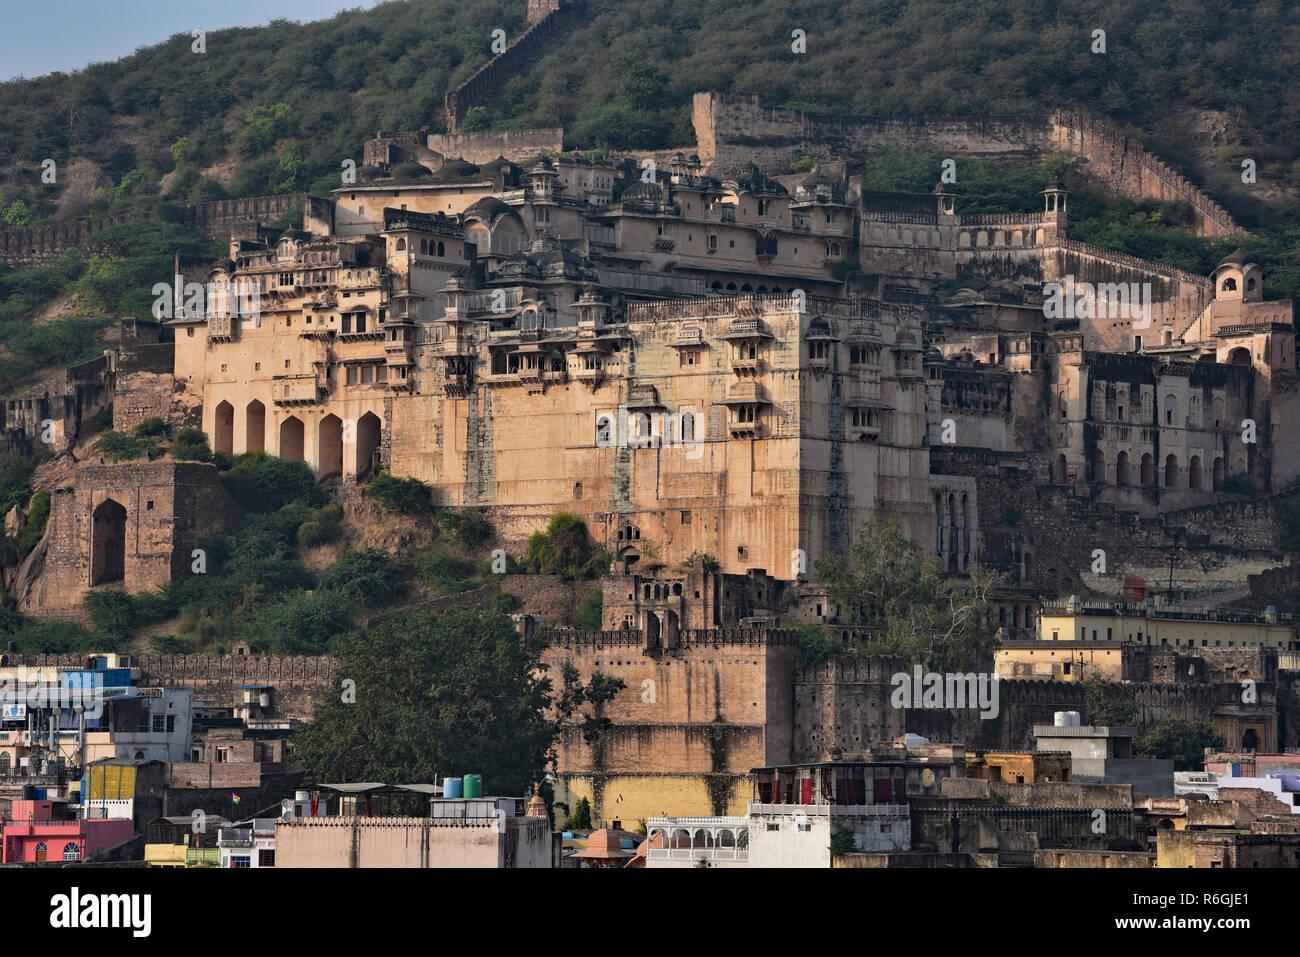 Garh Palast, das Juwel von Rajasthan, ein schönes Beispiel der Rajput Architektur, Gehäuse einige hervorragende Fresken, Bundi, westliche Indien, Asien. Stockbild